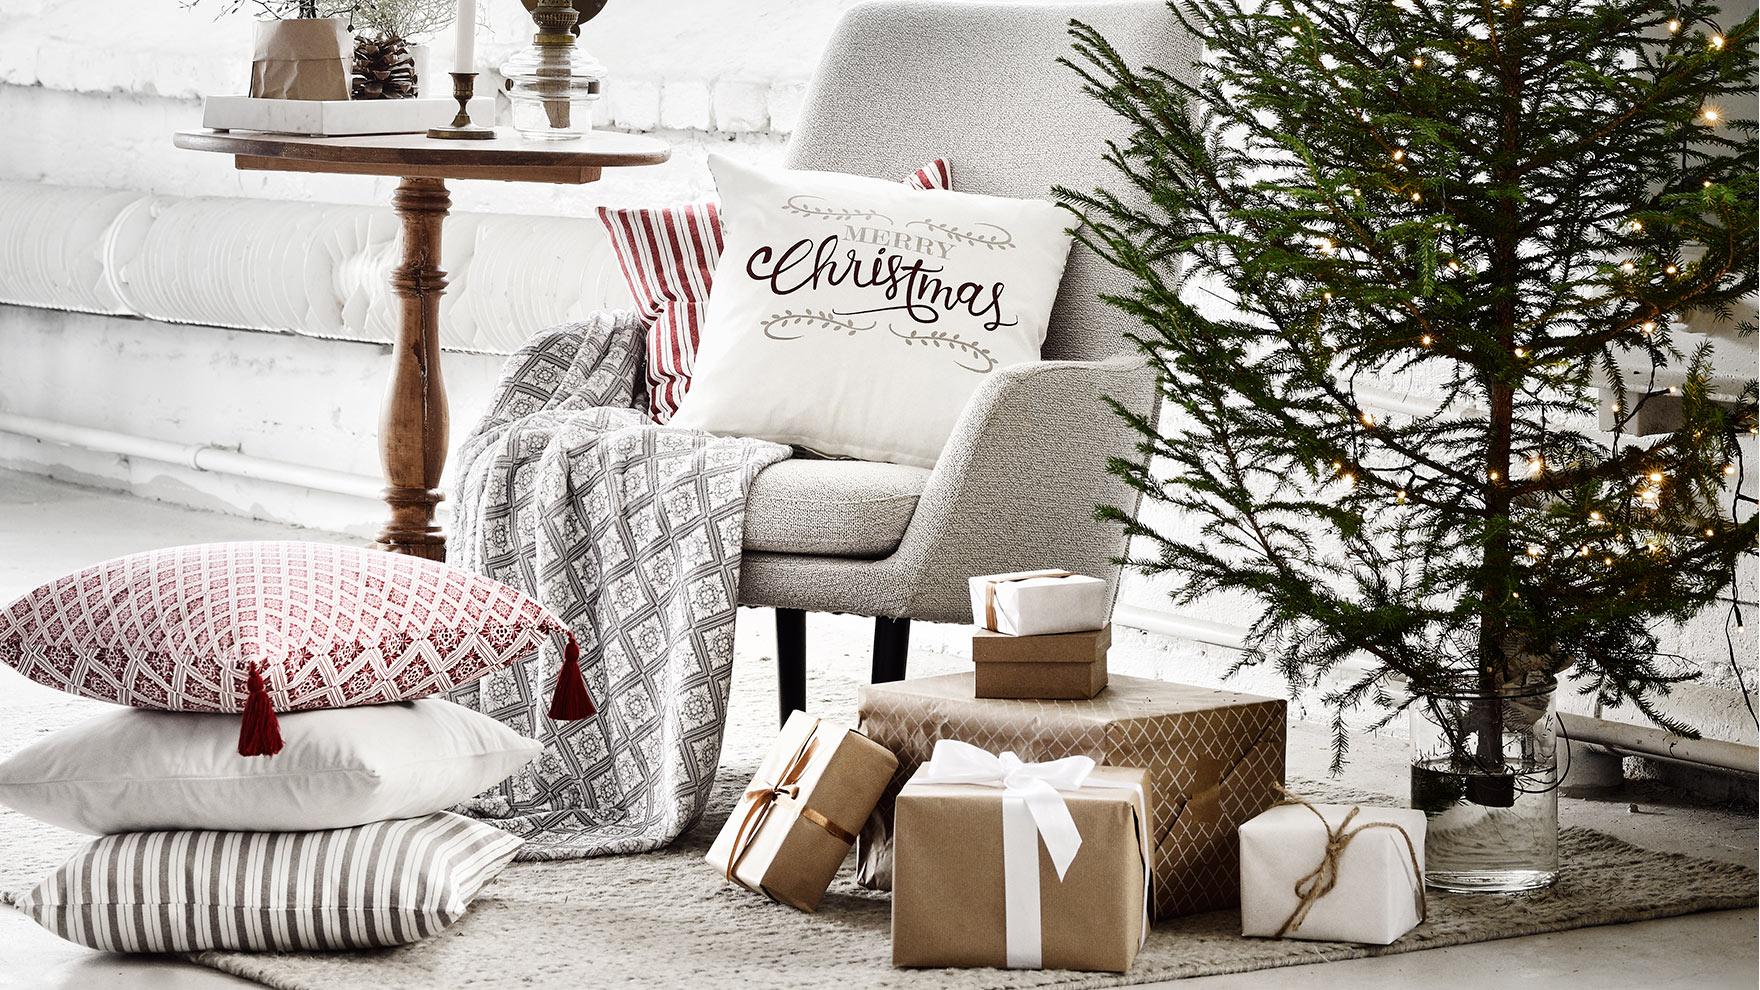 hemtex joulu 2018 Kodikkaita Hemtex 24h  uutuuksia jouluun   K Citymarket hemtex joulu 2018